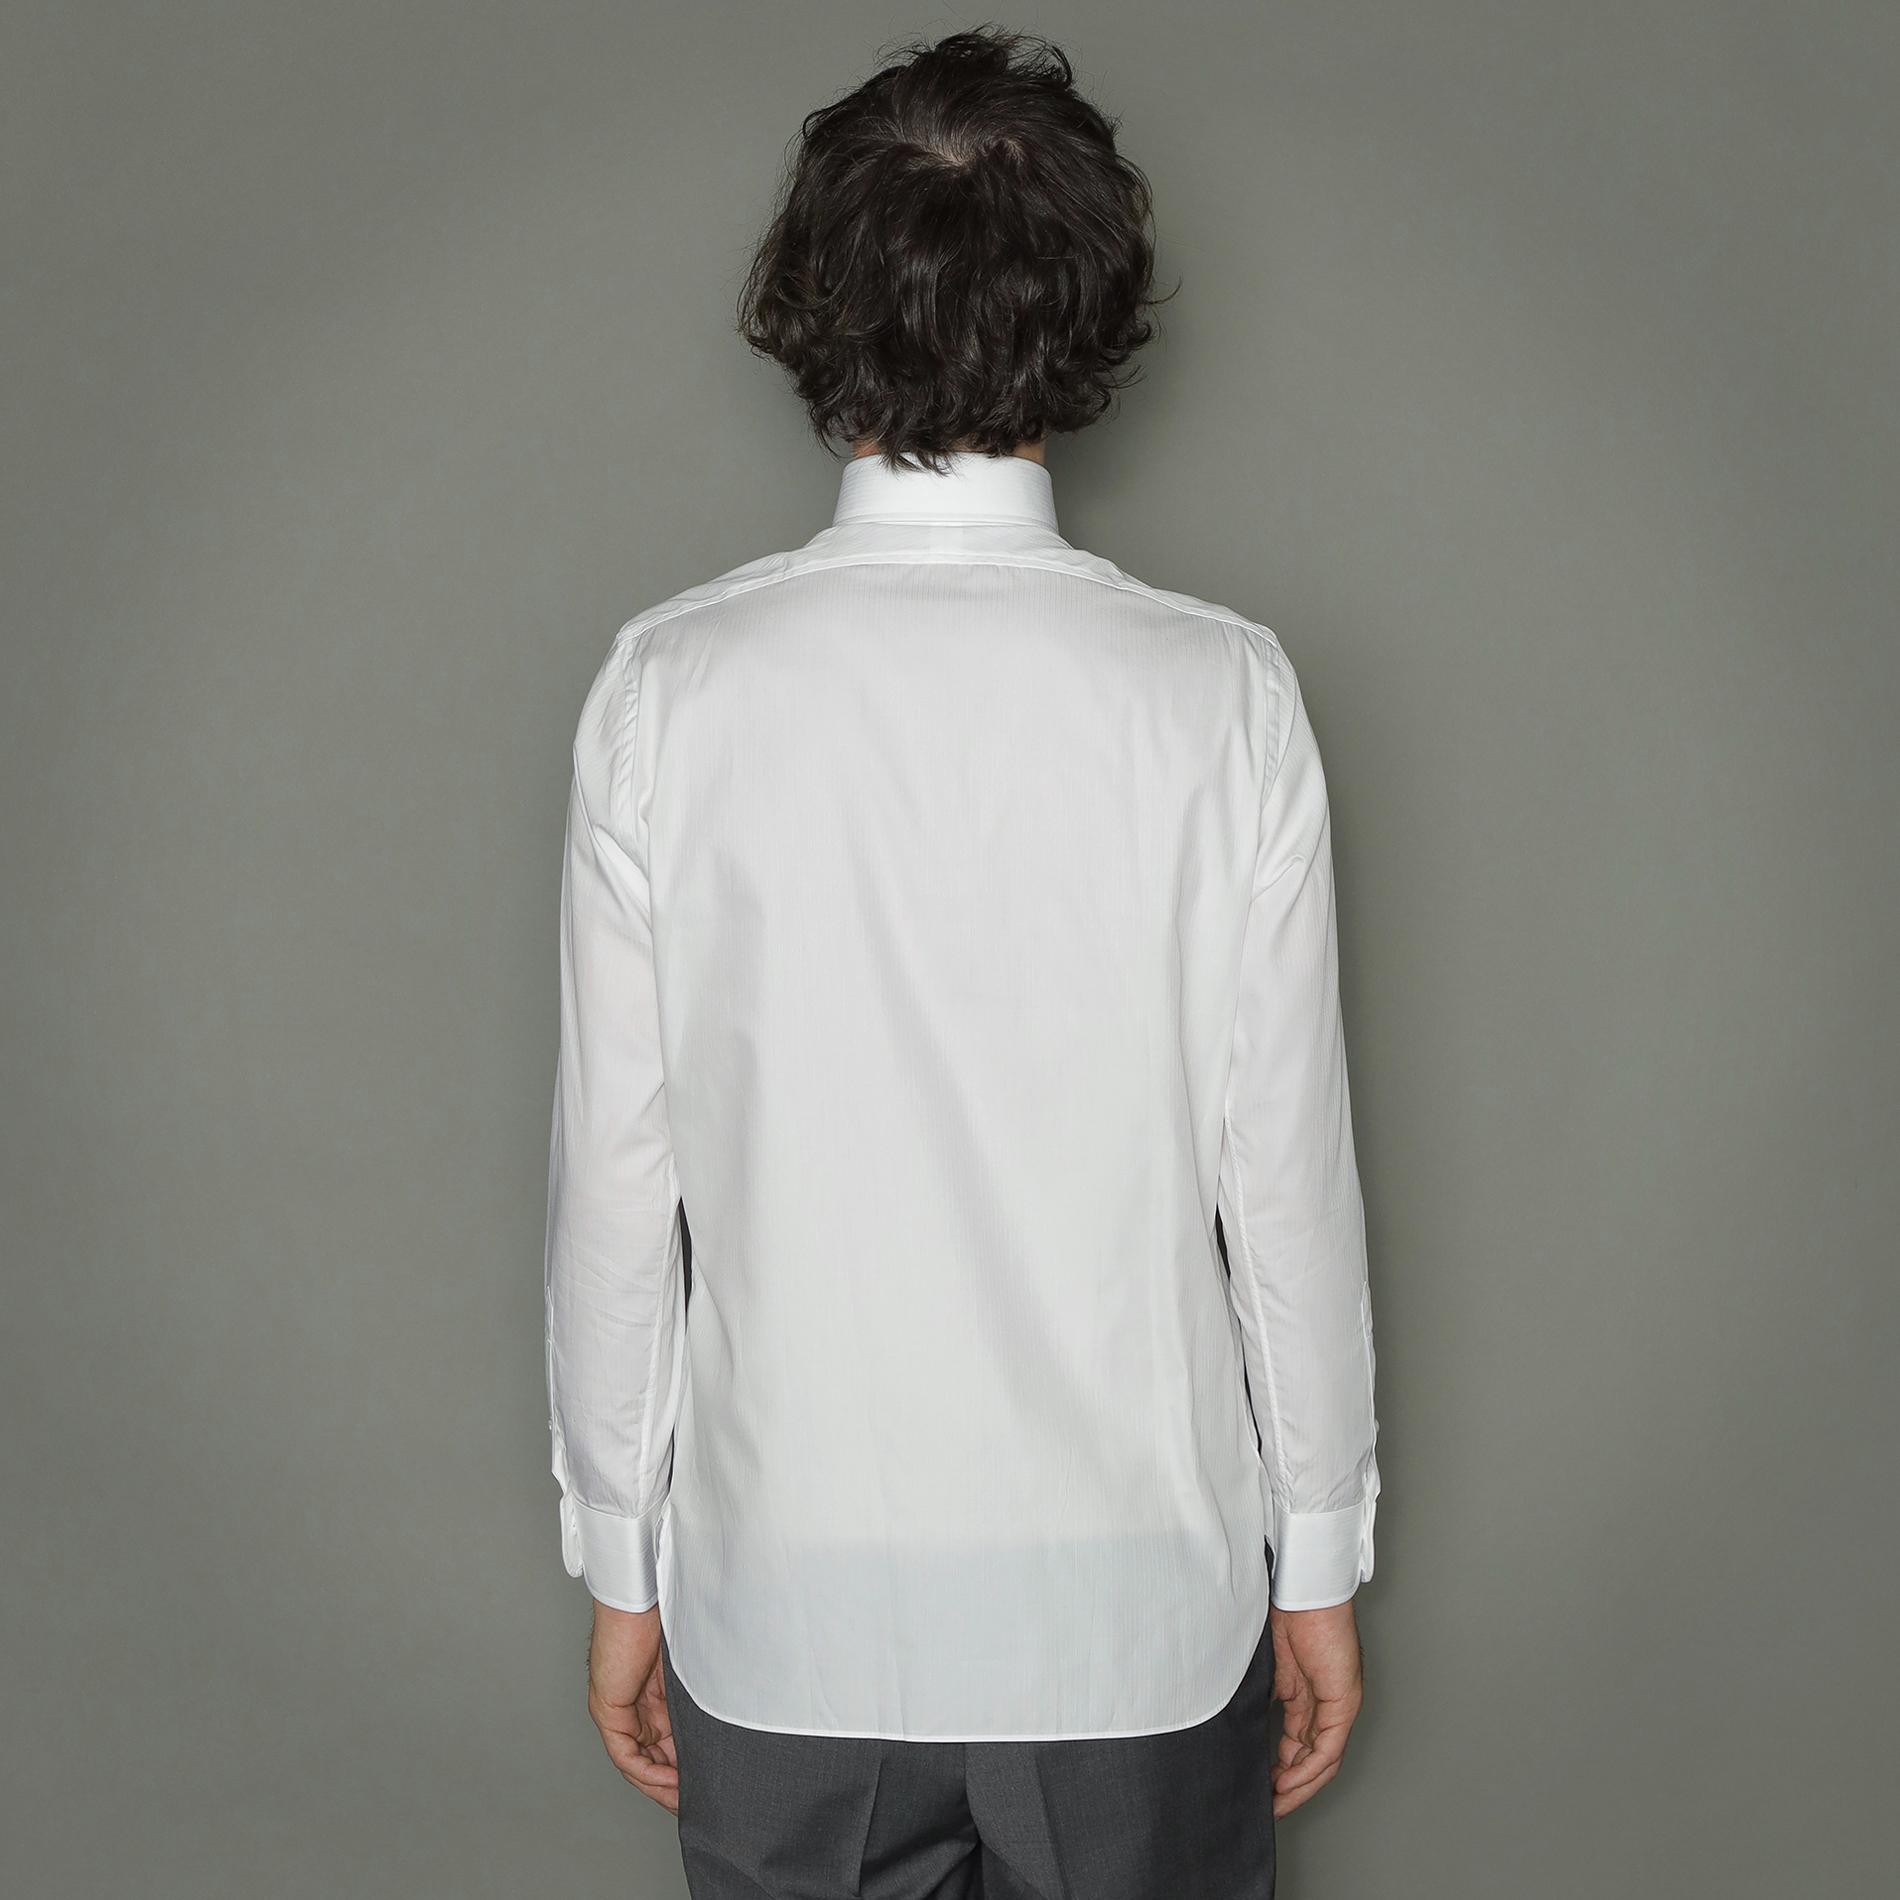 ◆◆ドビーストライプシャツ